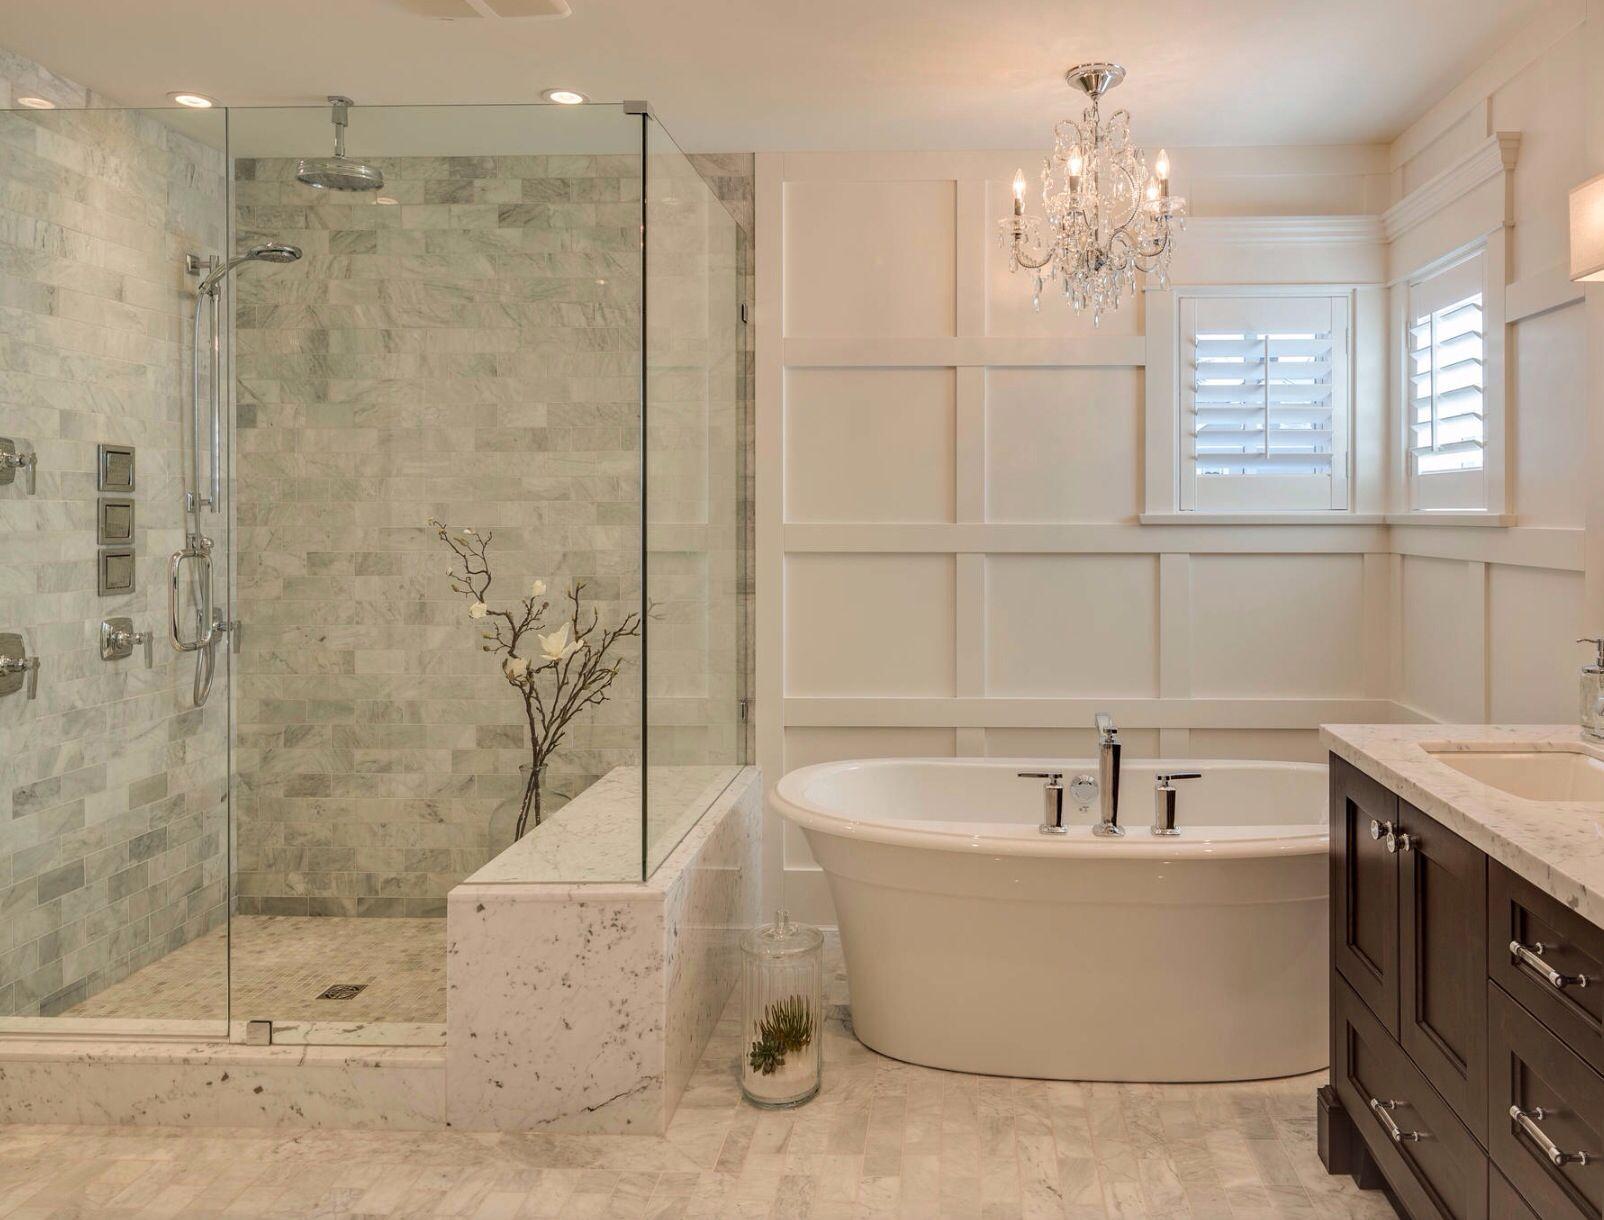 Lichte Badkamer Met Marmer Bathroom Remodel Designs